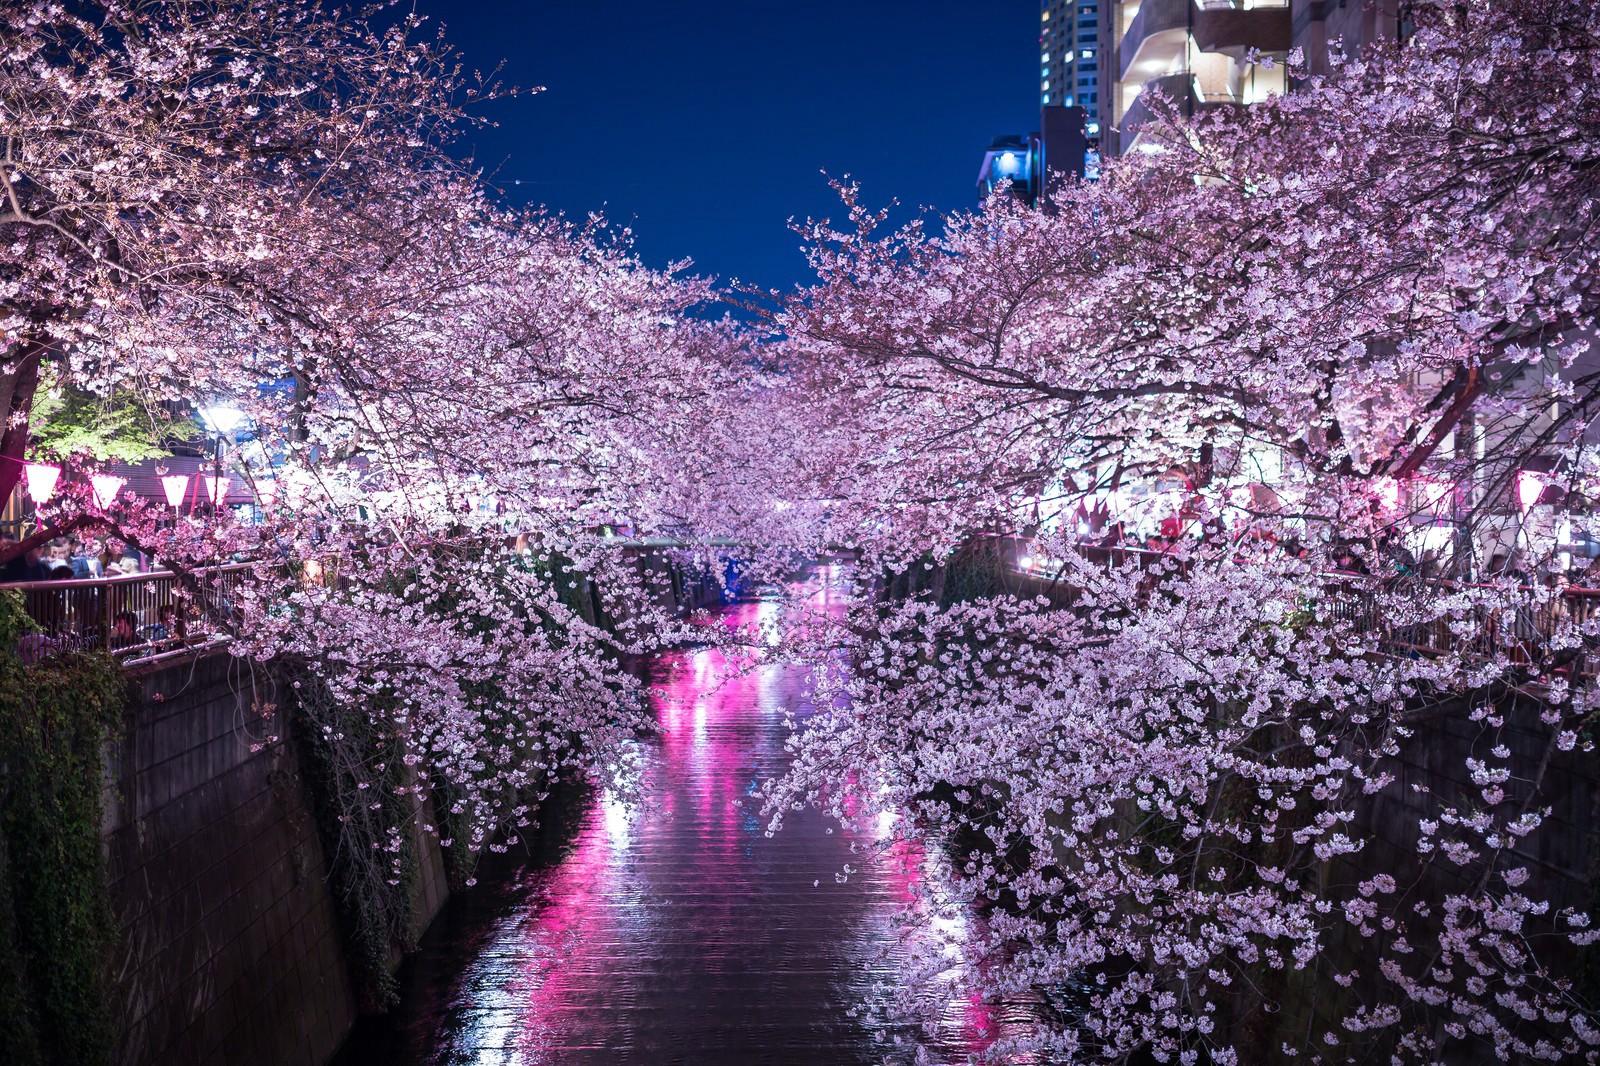 Cherry Blossom Forecast 2021 - Meguro River